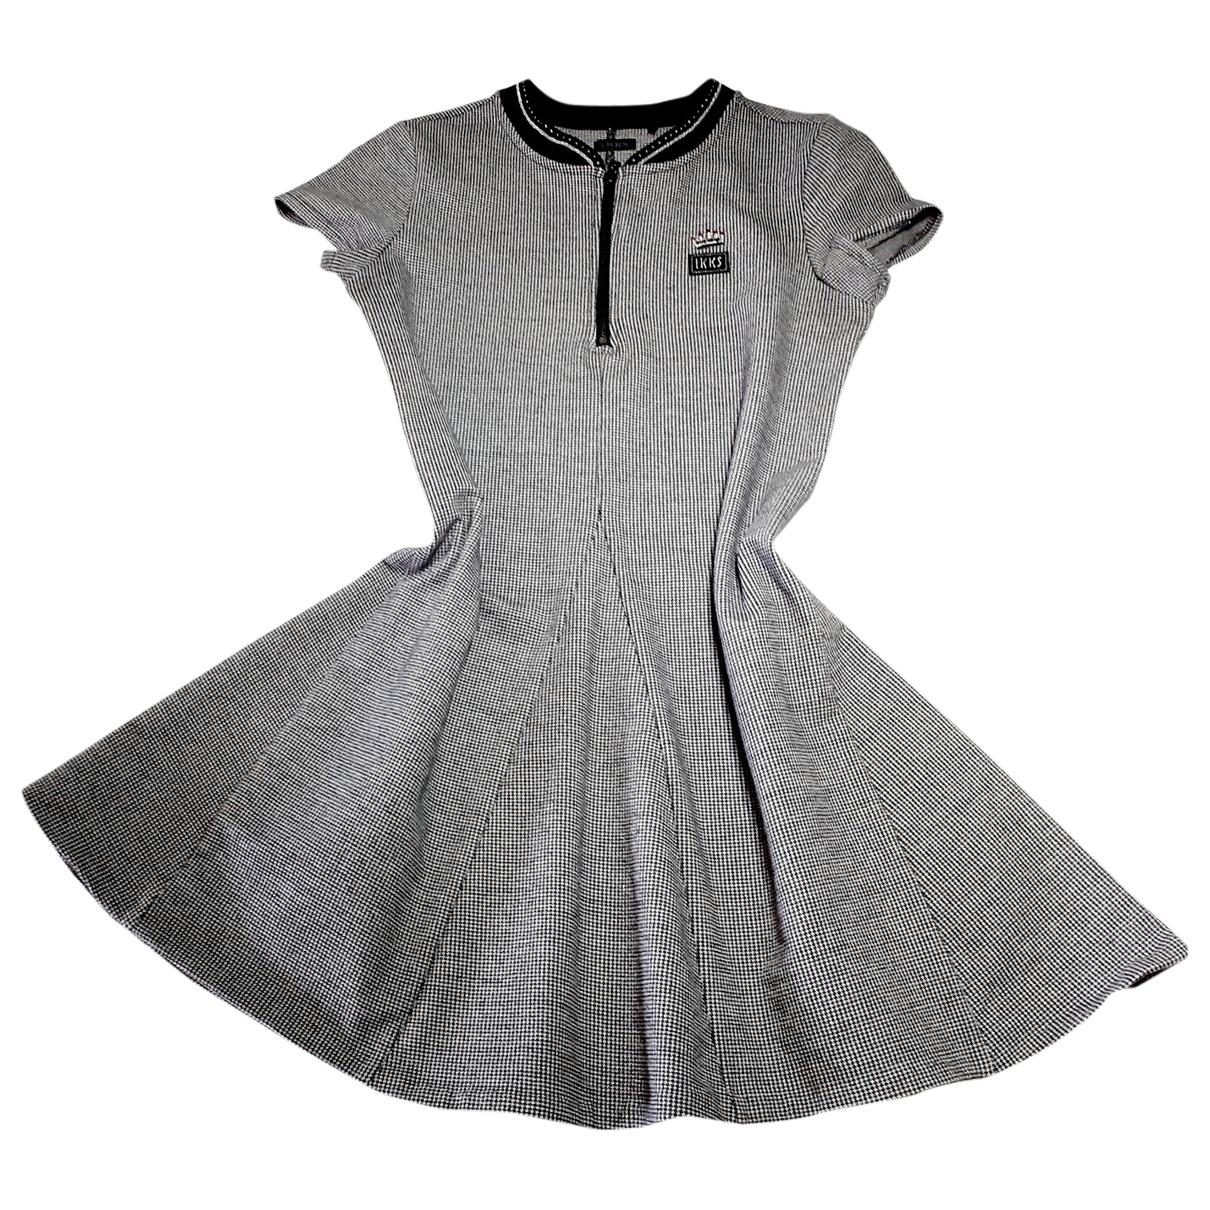 Ikks \N Kleid in Baumwolle - Elasthan